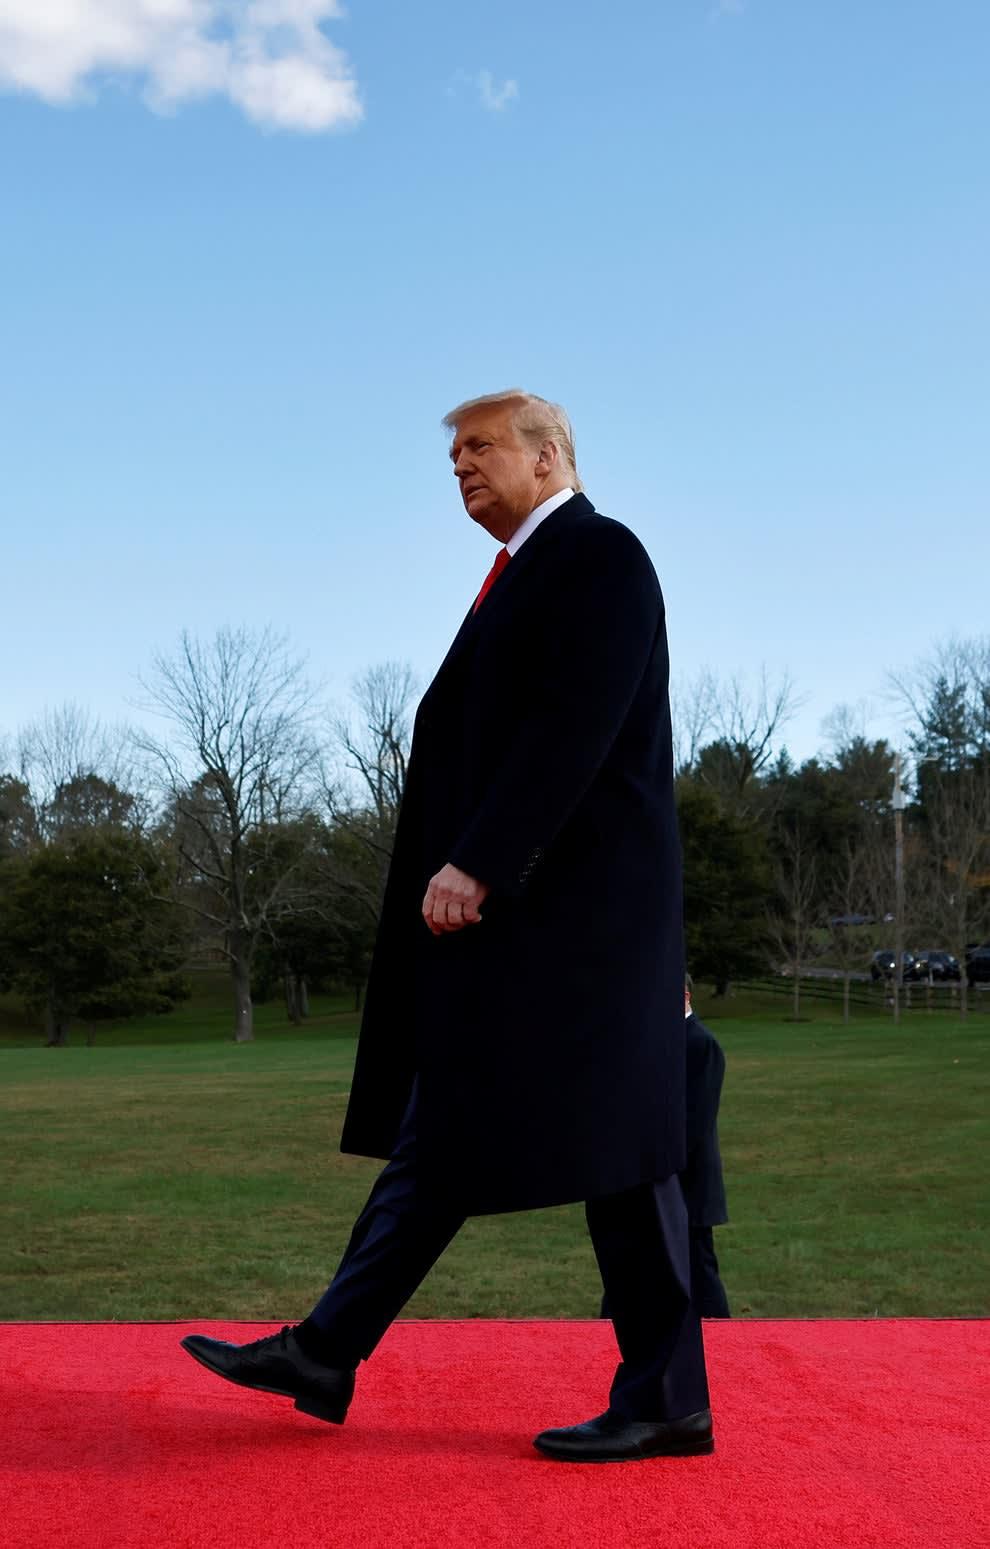 Donald Trump andando em um tapete vermelho sobre um gramado..